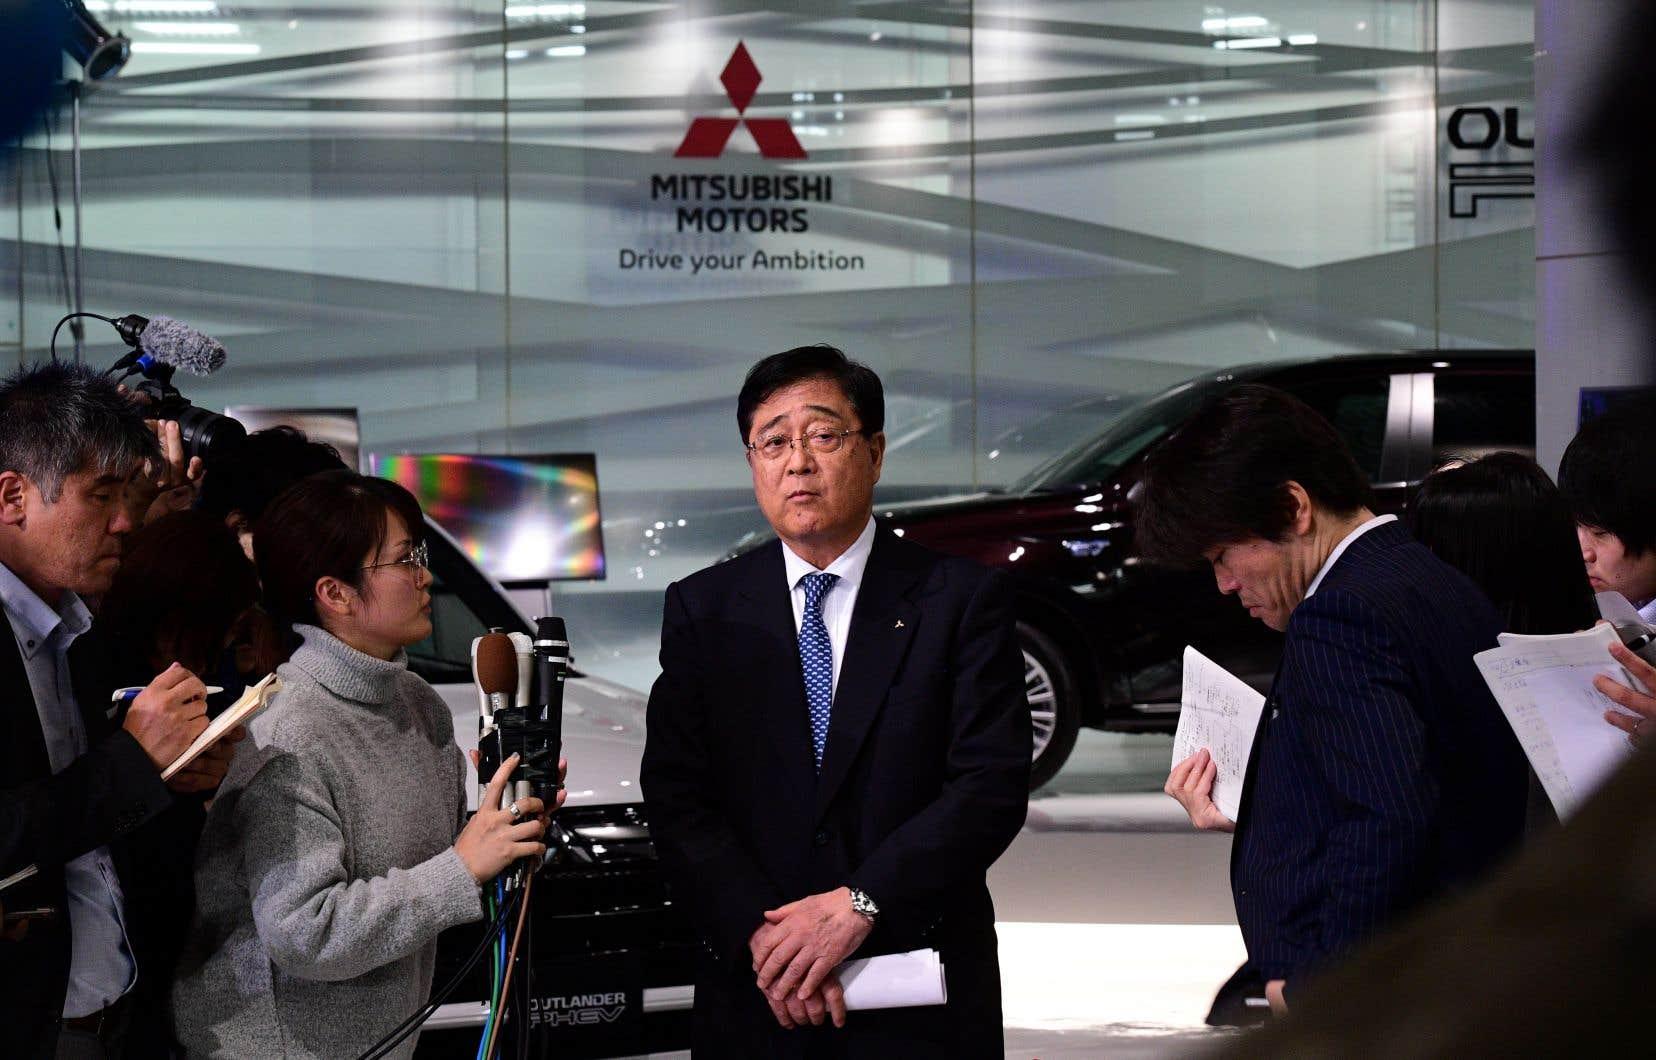 Le limogeage de M.Ghosn, qualifié de «décision déchirante», a été voté à l'unanimité des sept administrateurs, dont le patron exécutif de Mitsubishi Motors, Osamu Masuko (centre).